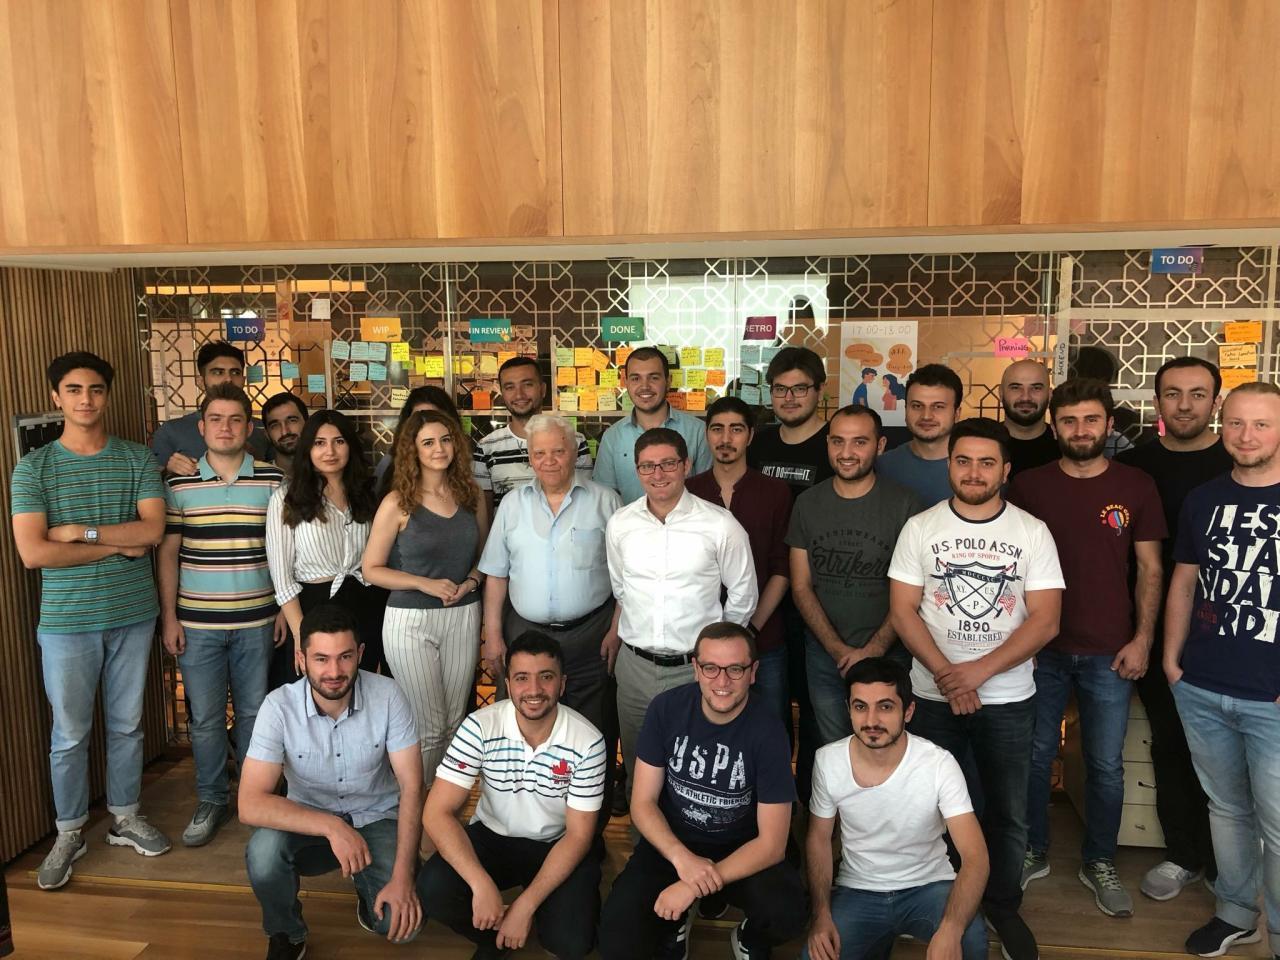 Рамин Махмудхзаде: «Первые азербайджанские программисты стали ведущими специалистами в крупных компаниях по всему миру»